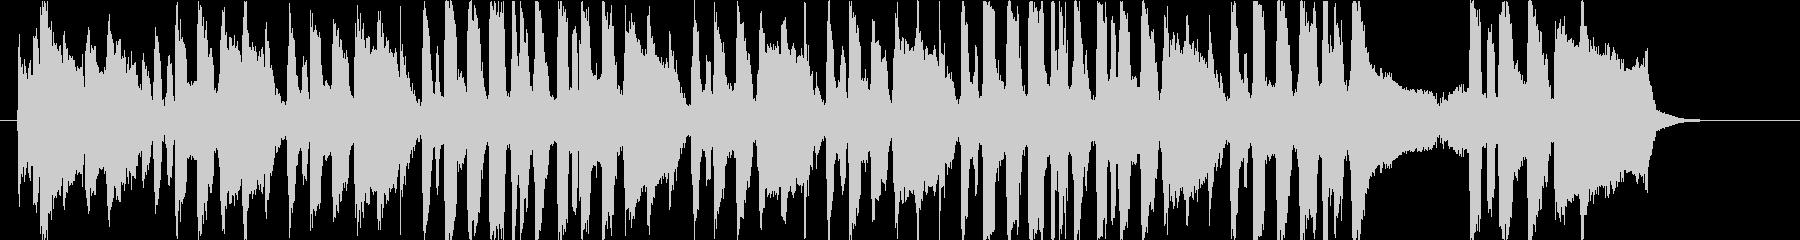 誕生日の歌(ワルツver) 【コハル】の未再生の波形